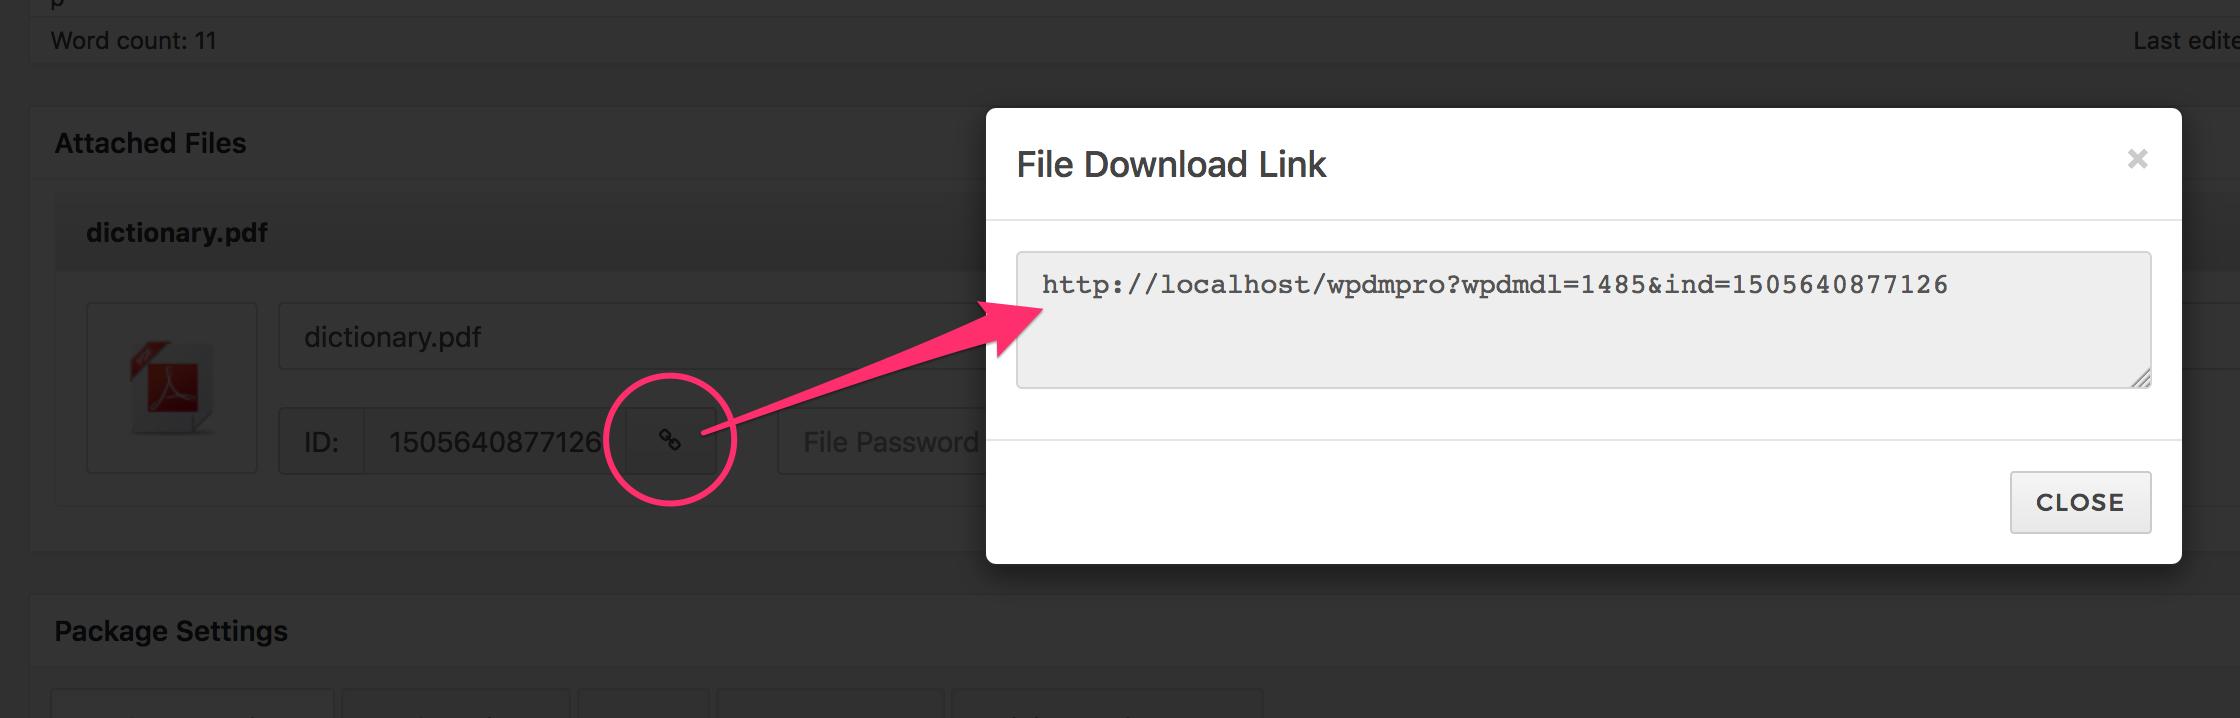 individual file download link